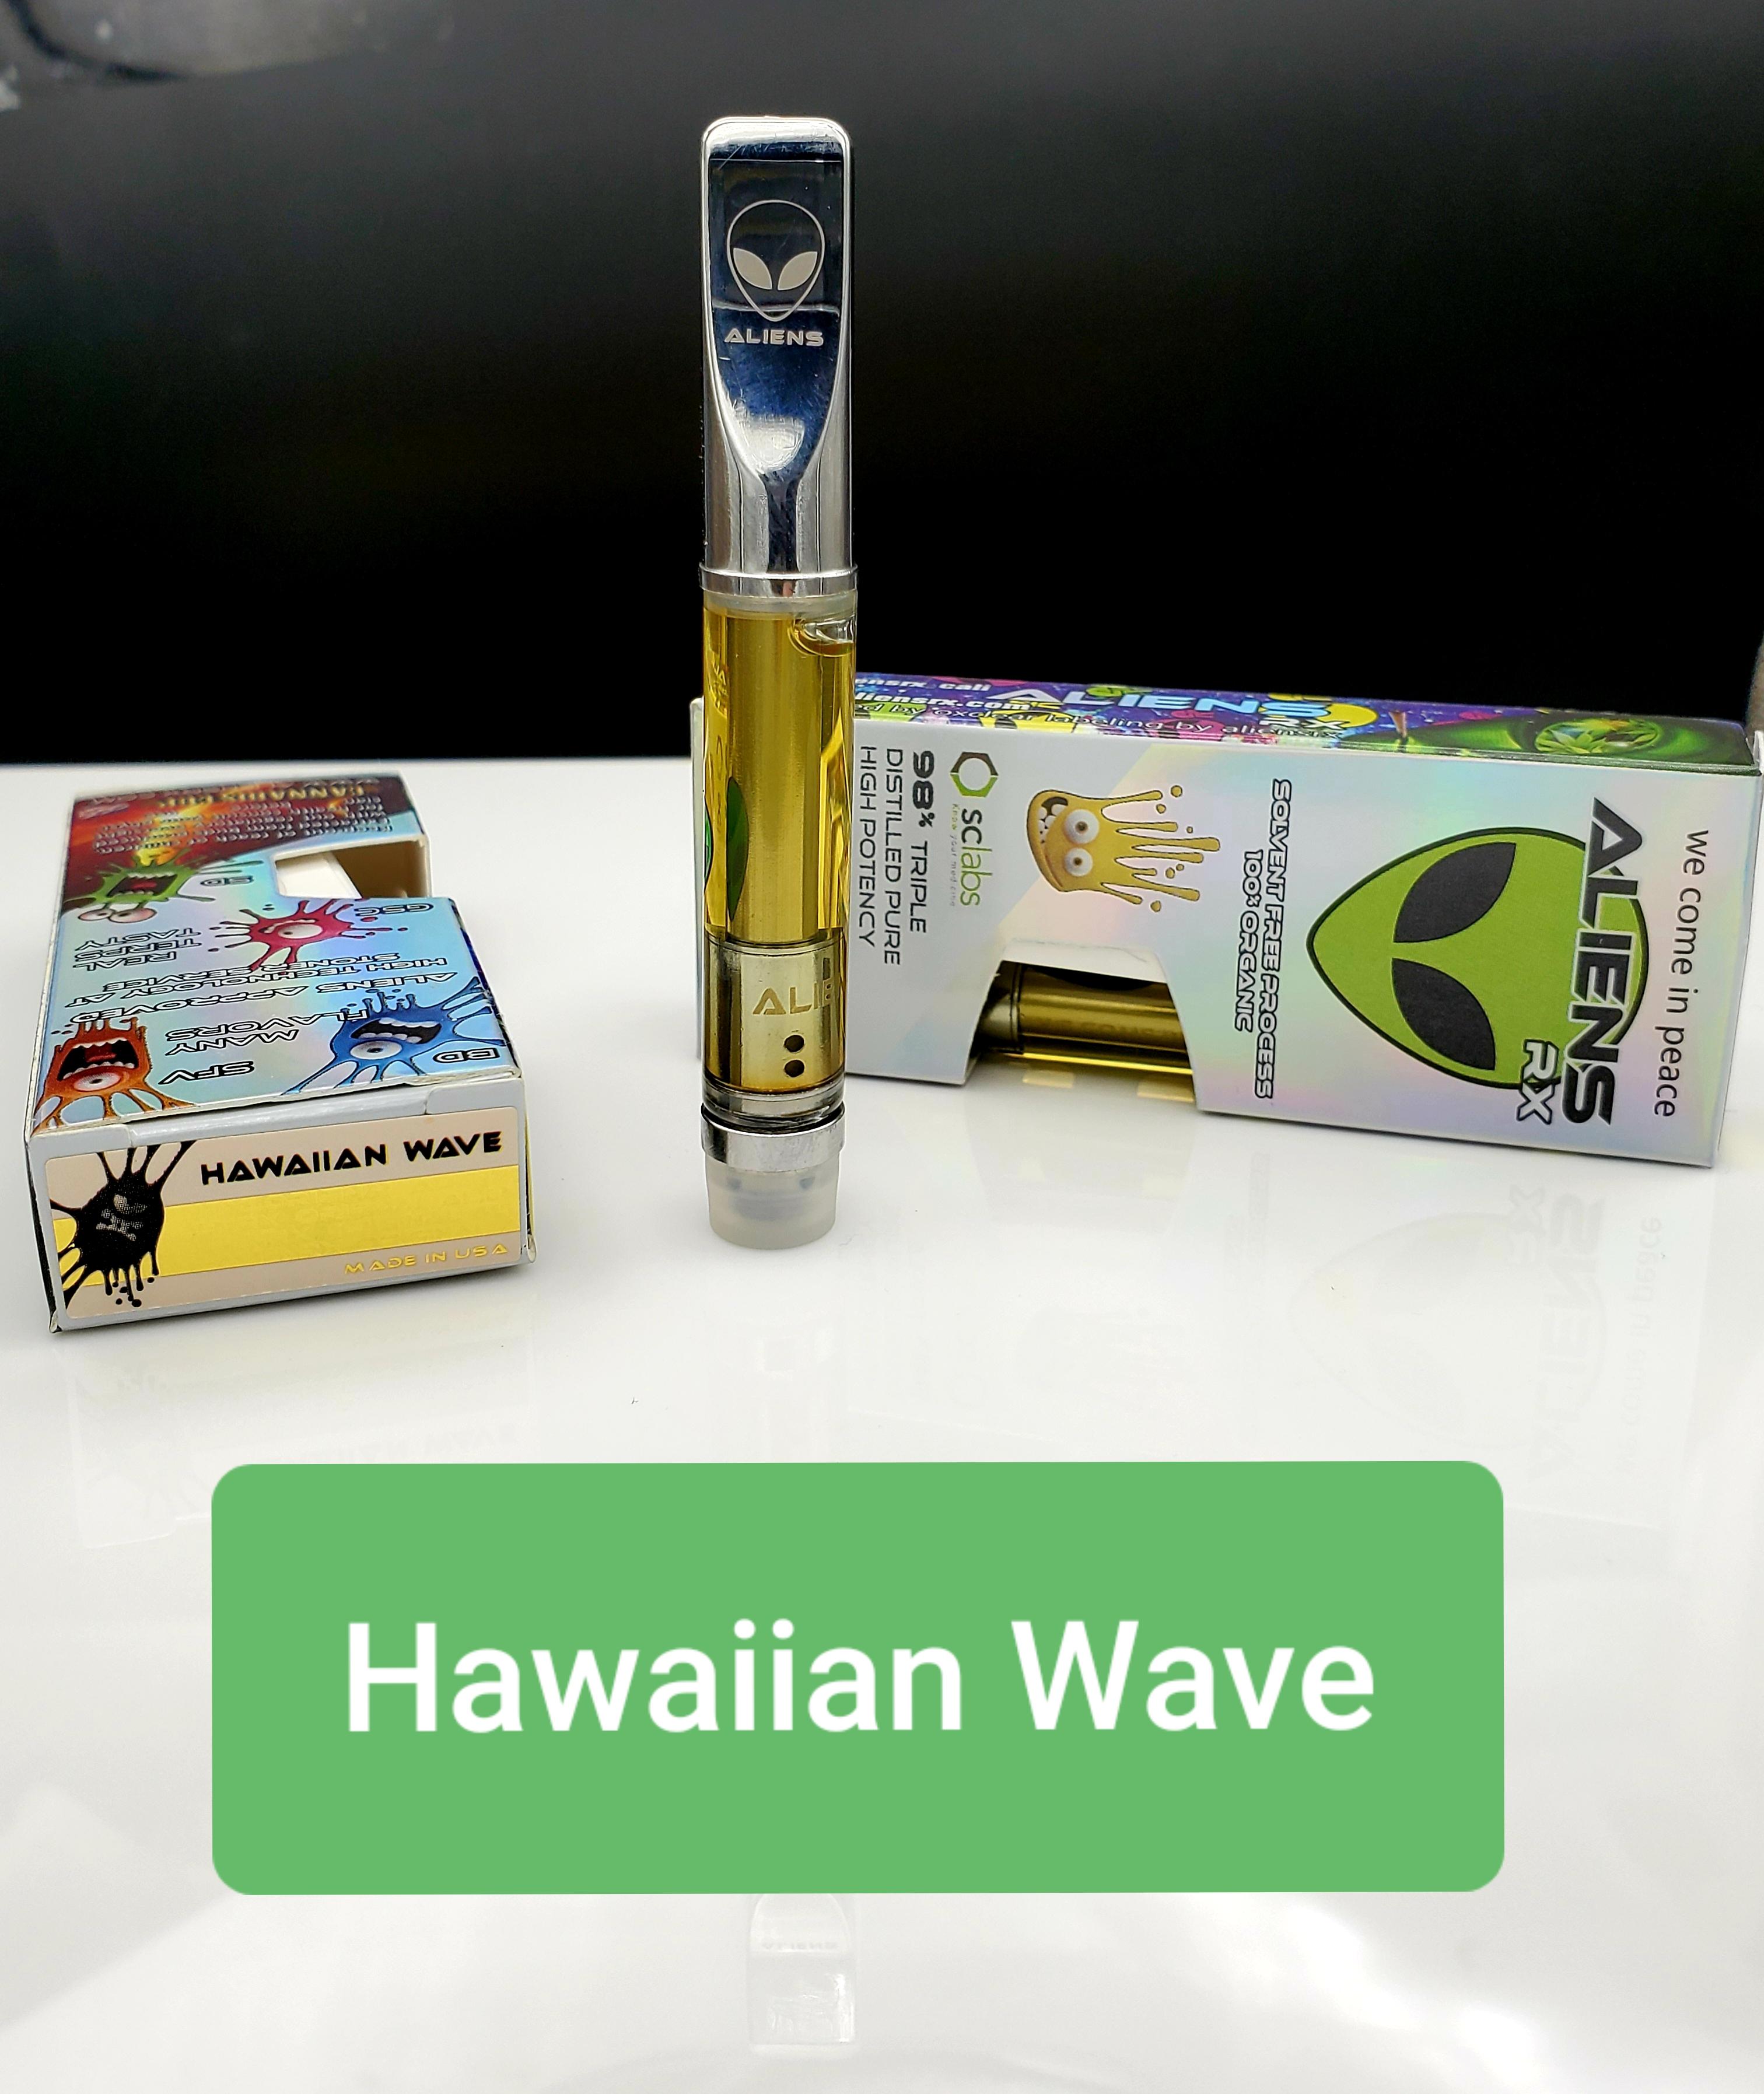 AliensRX Hawaiian Wave - 1800 MG